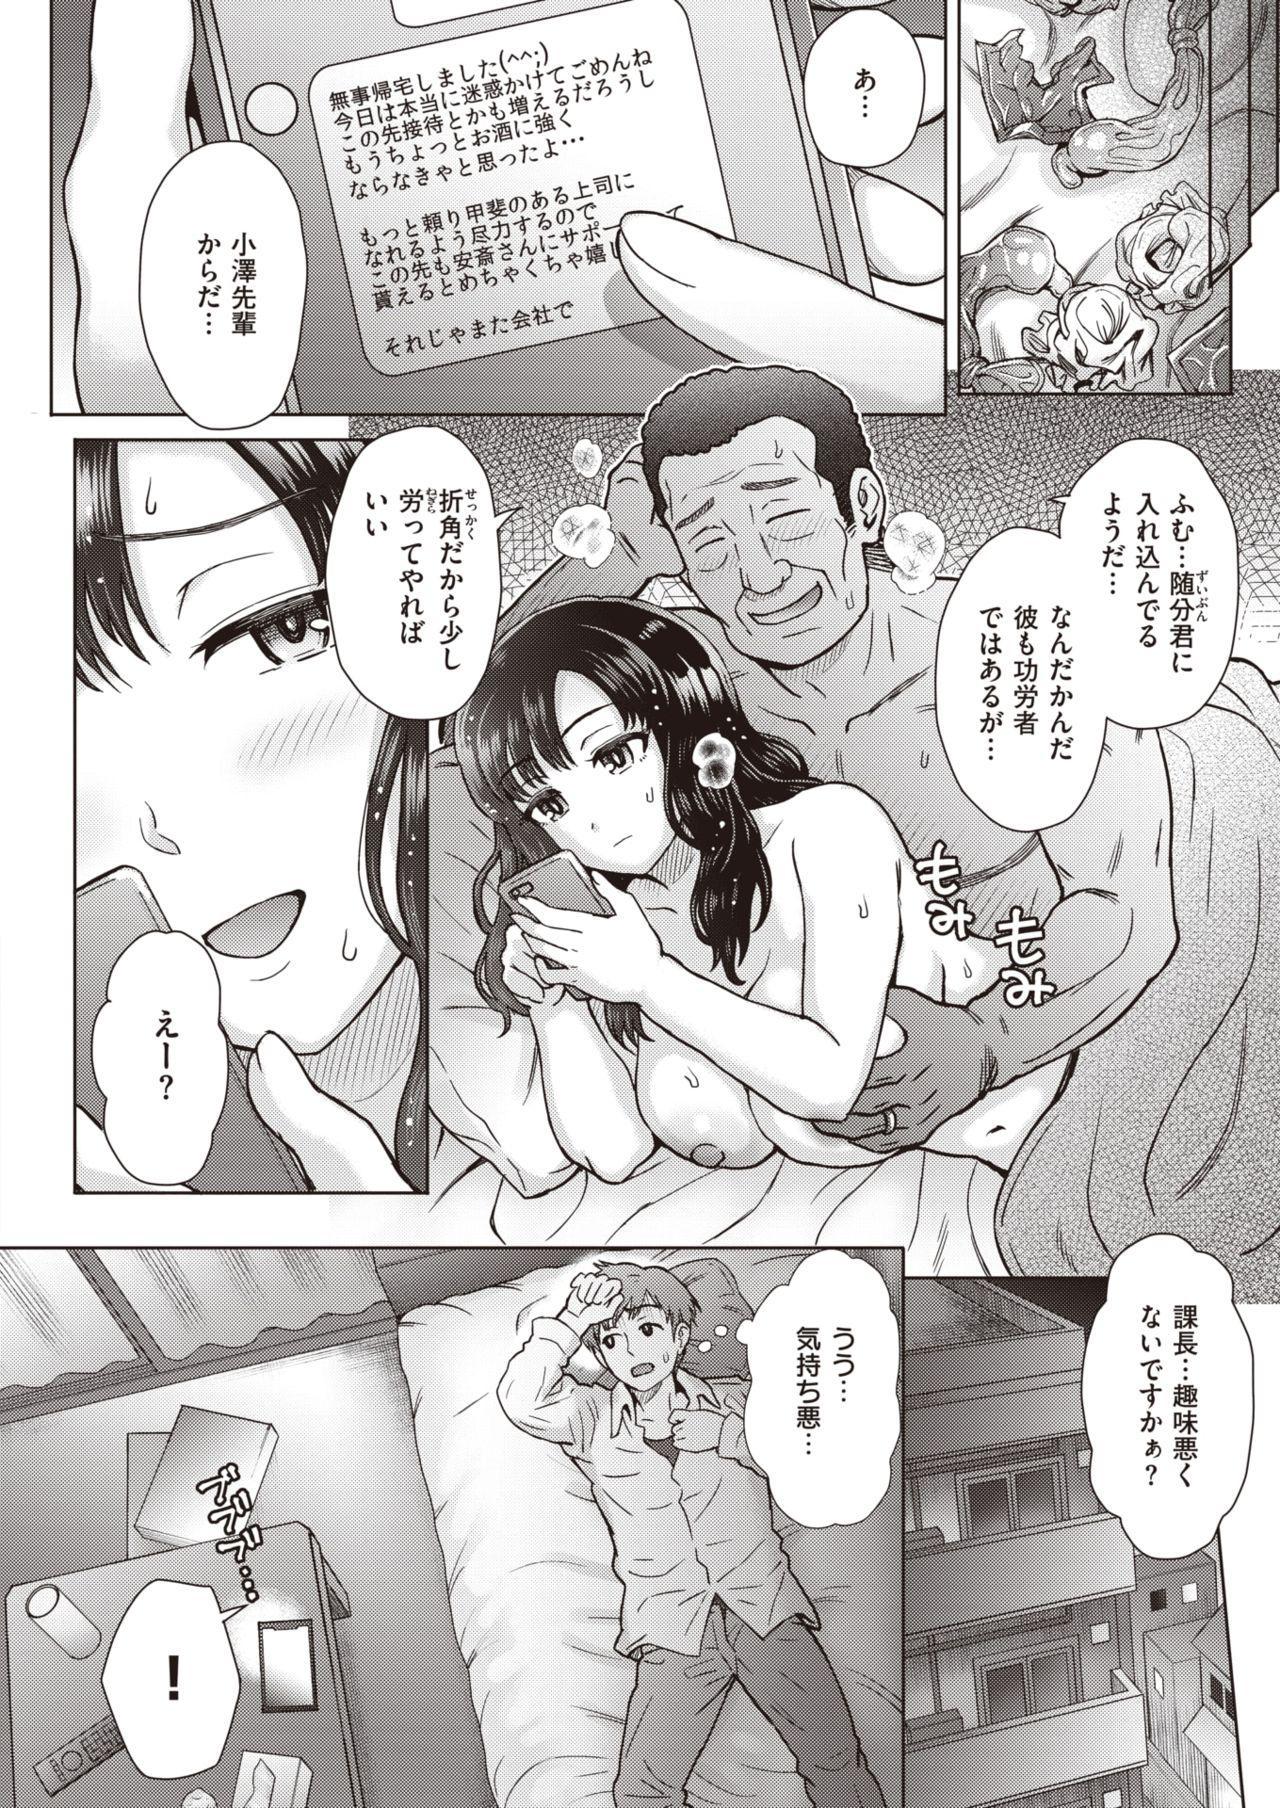 COMIC Shitsurakuten 2020-04 177